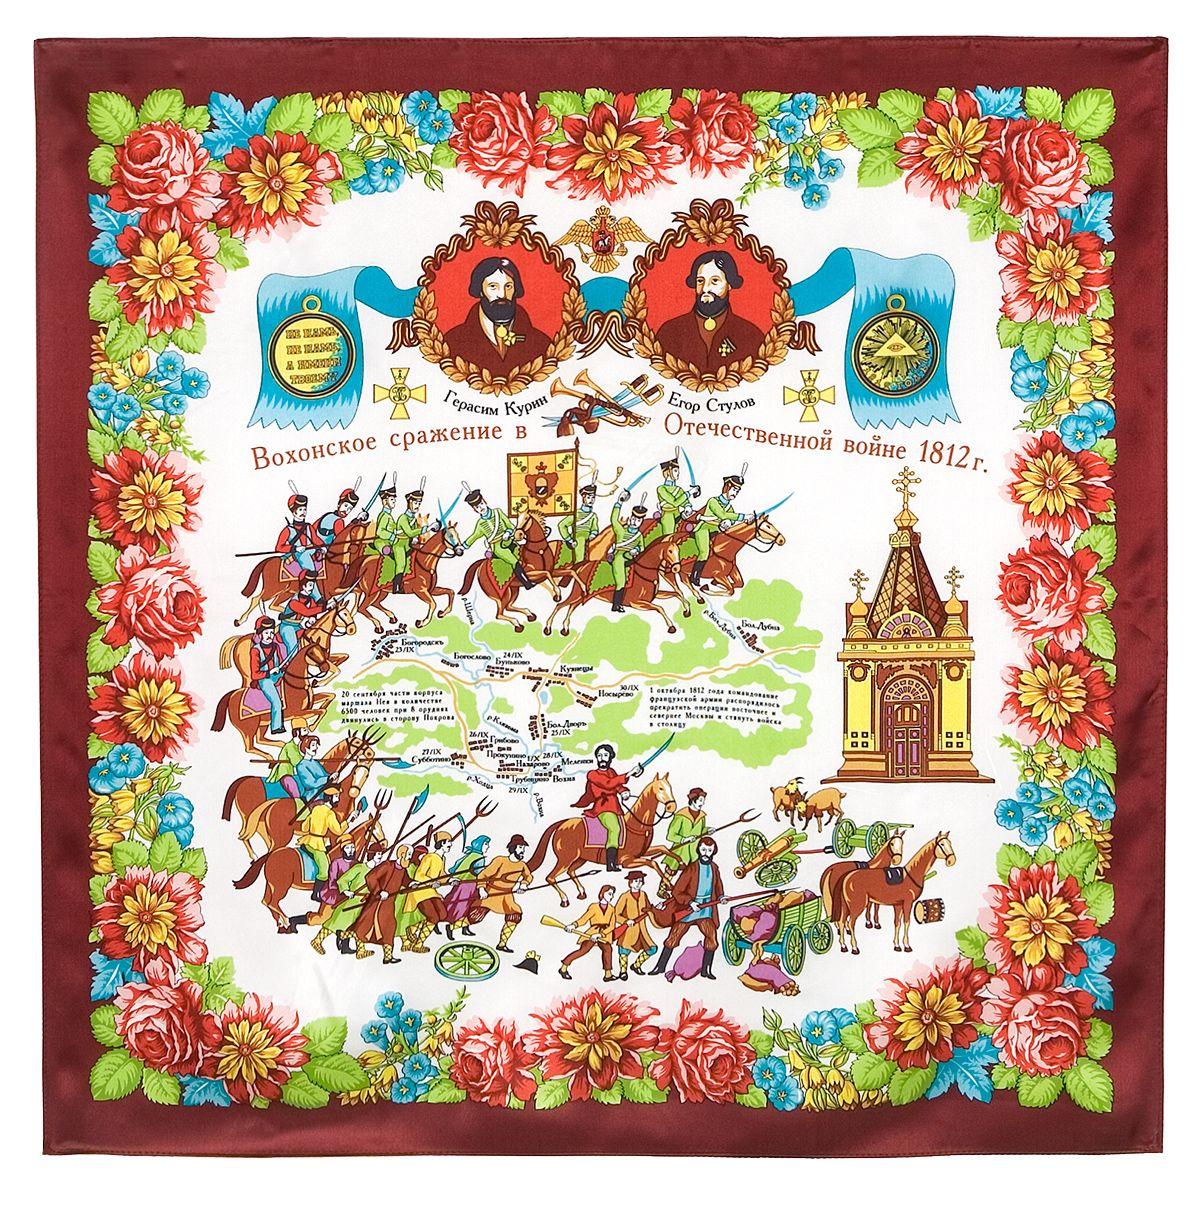 Платок «Вохонское сражение в войне 1812г.»